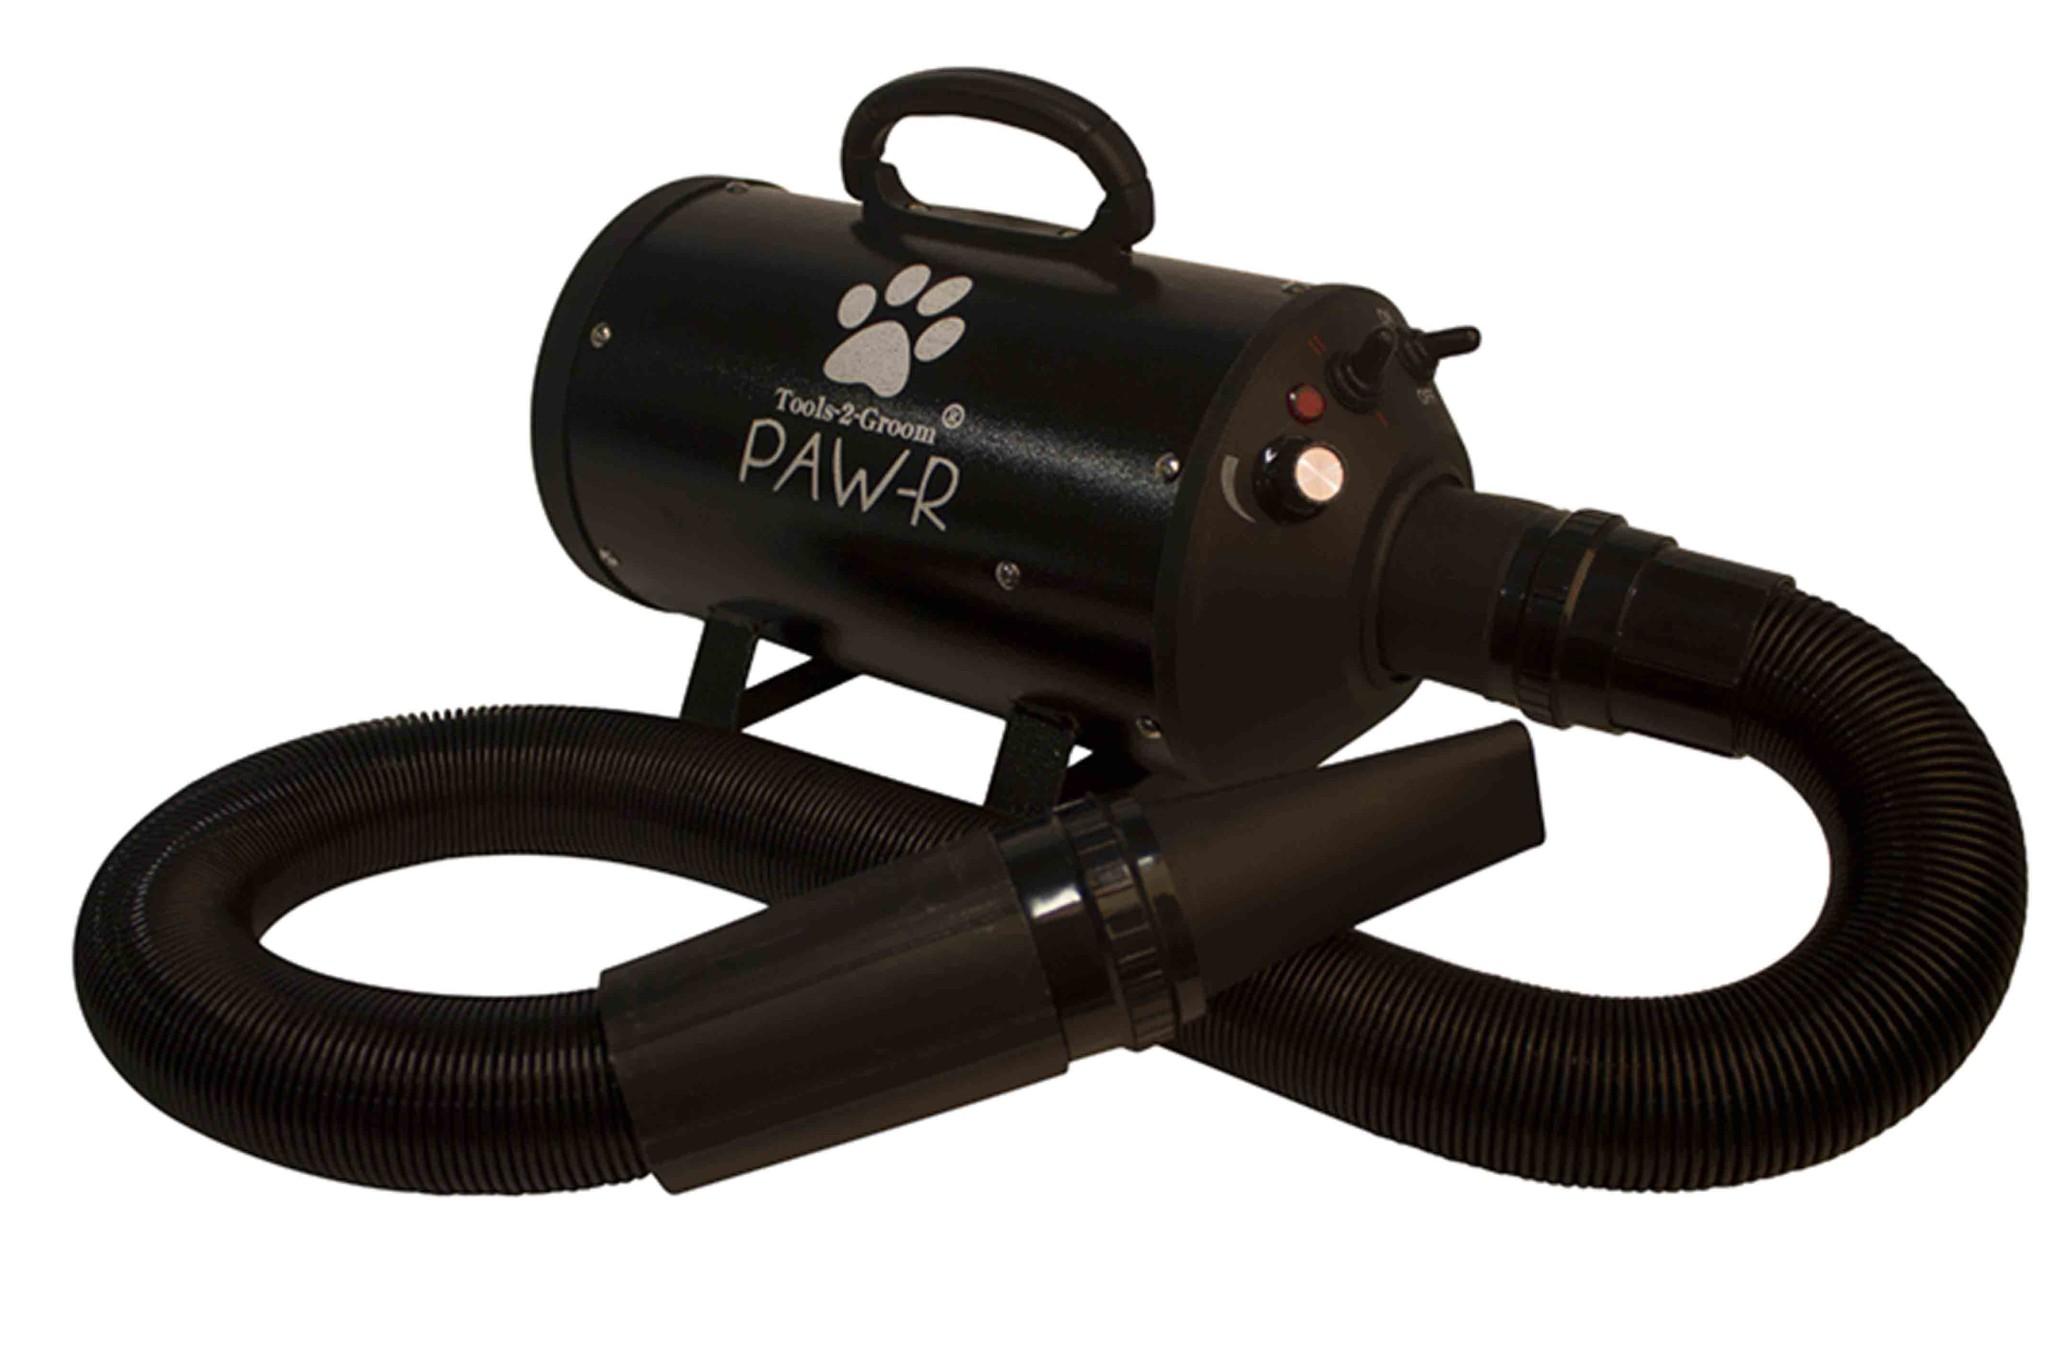 Paw-R Waterblazer Zwart met witte pootafdruk